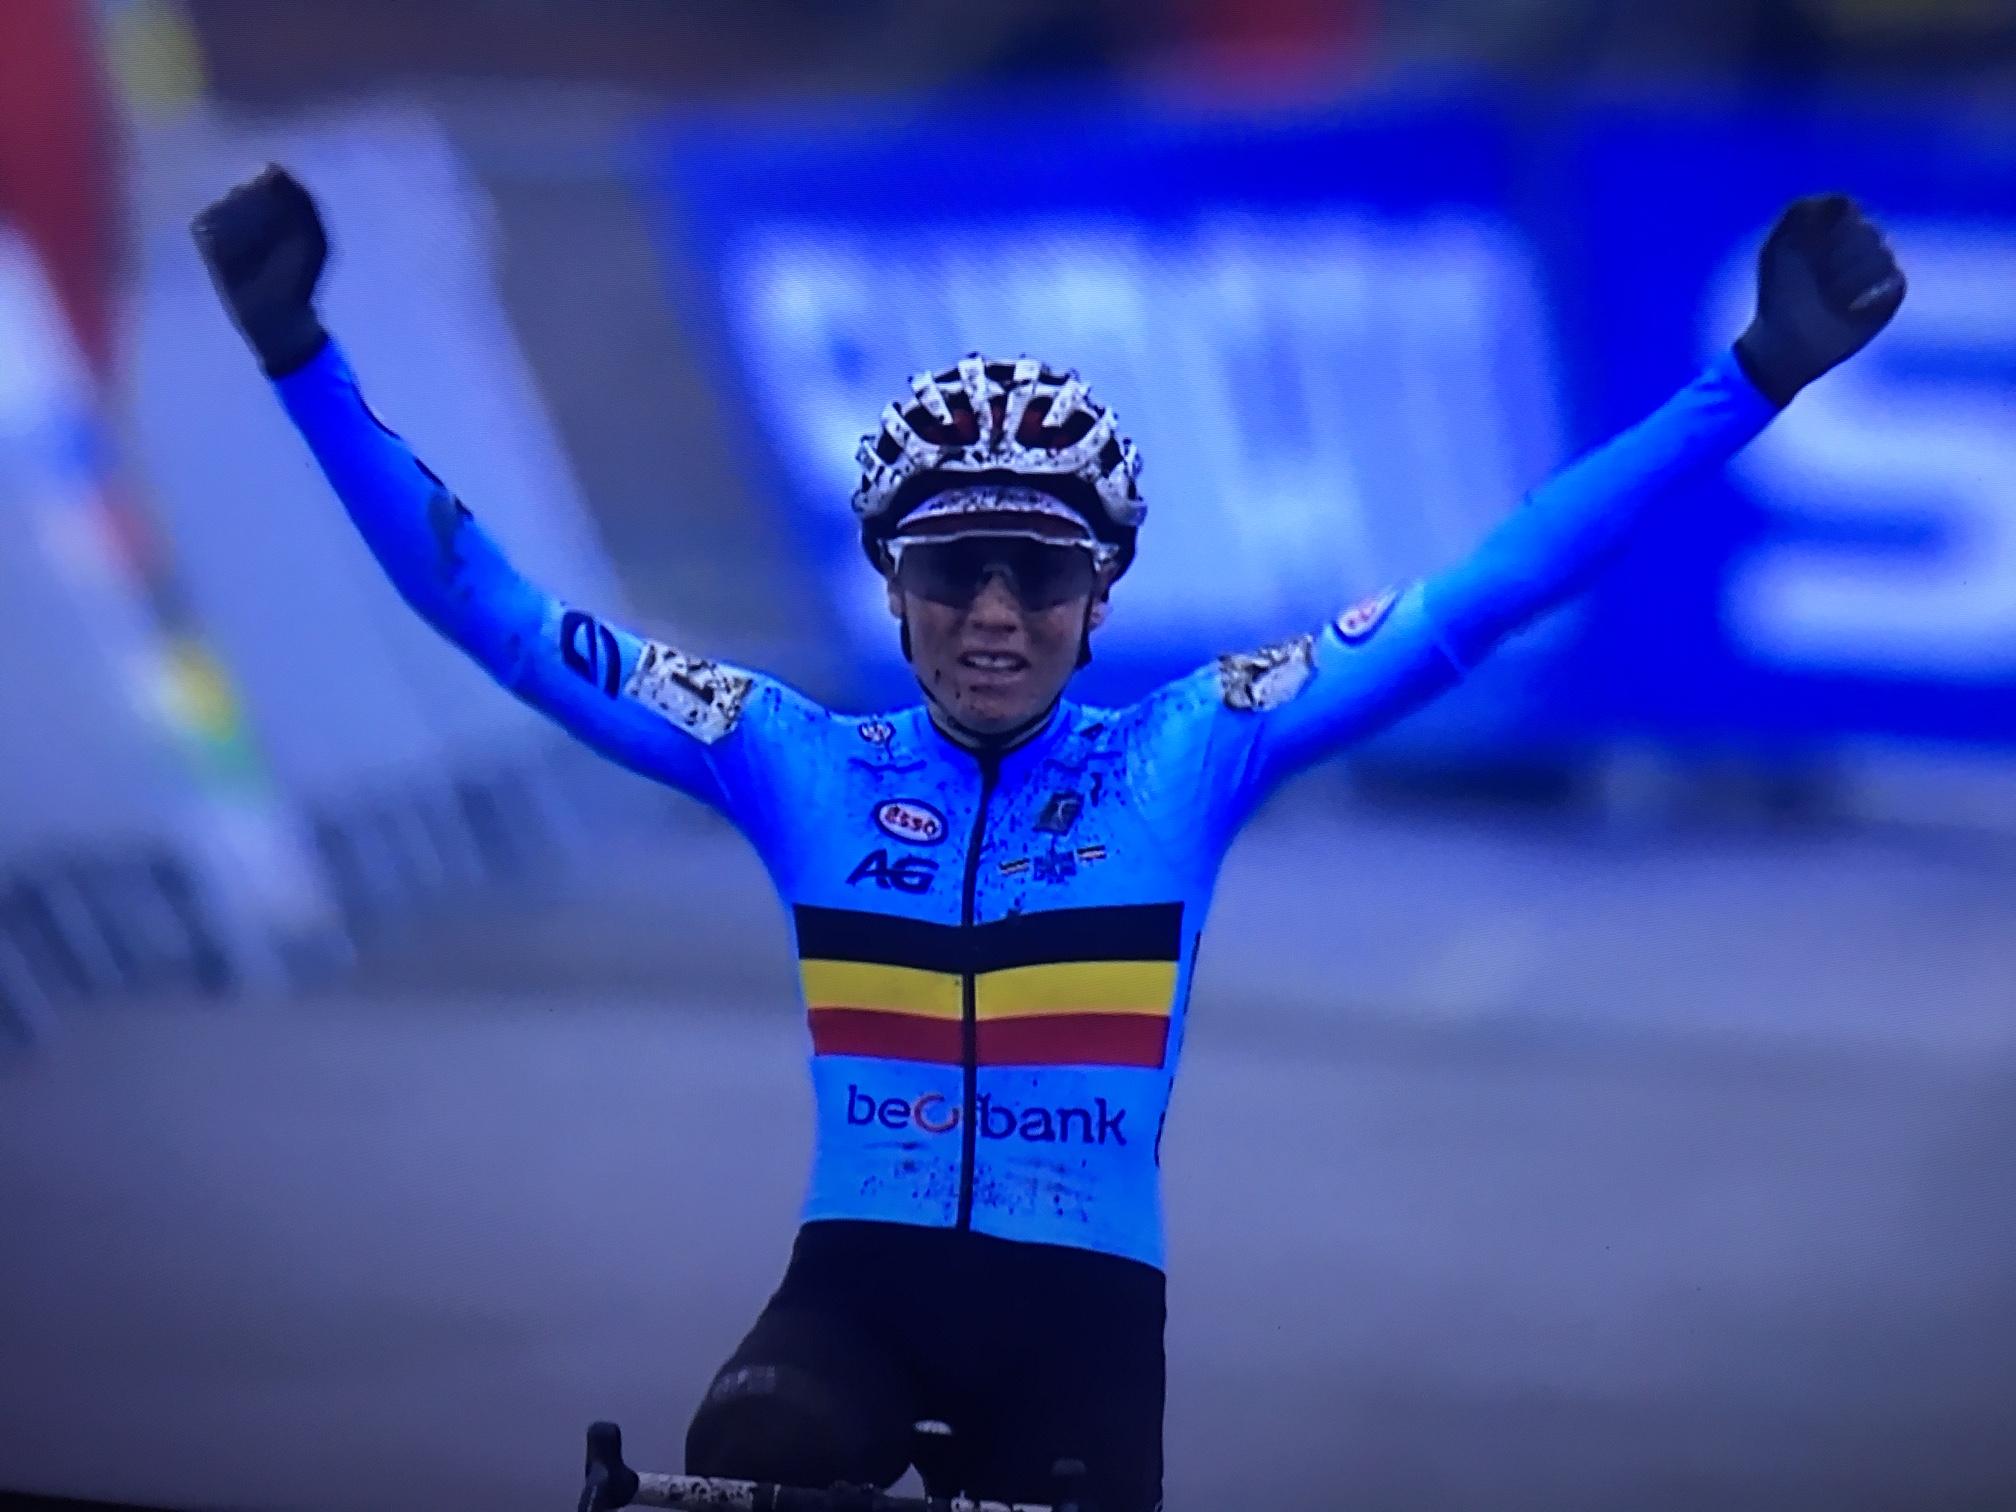 Sanne Cant is voor derde opeenvolgende keer wereldkampioene in Bogense